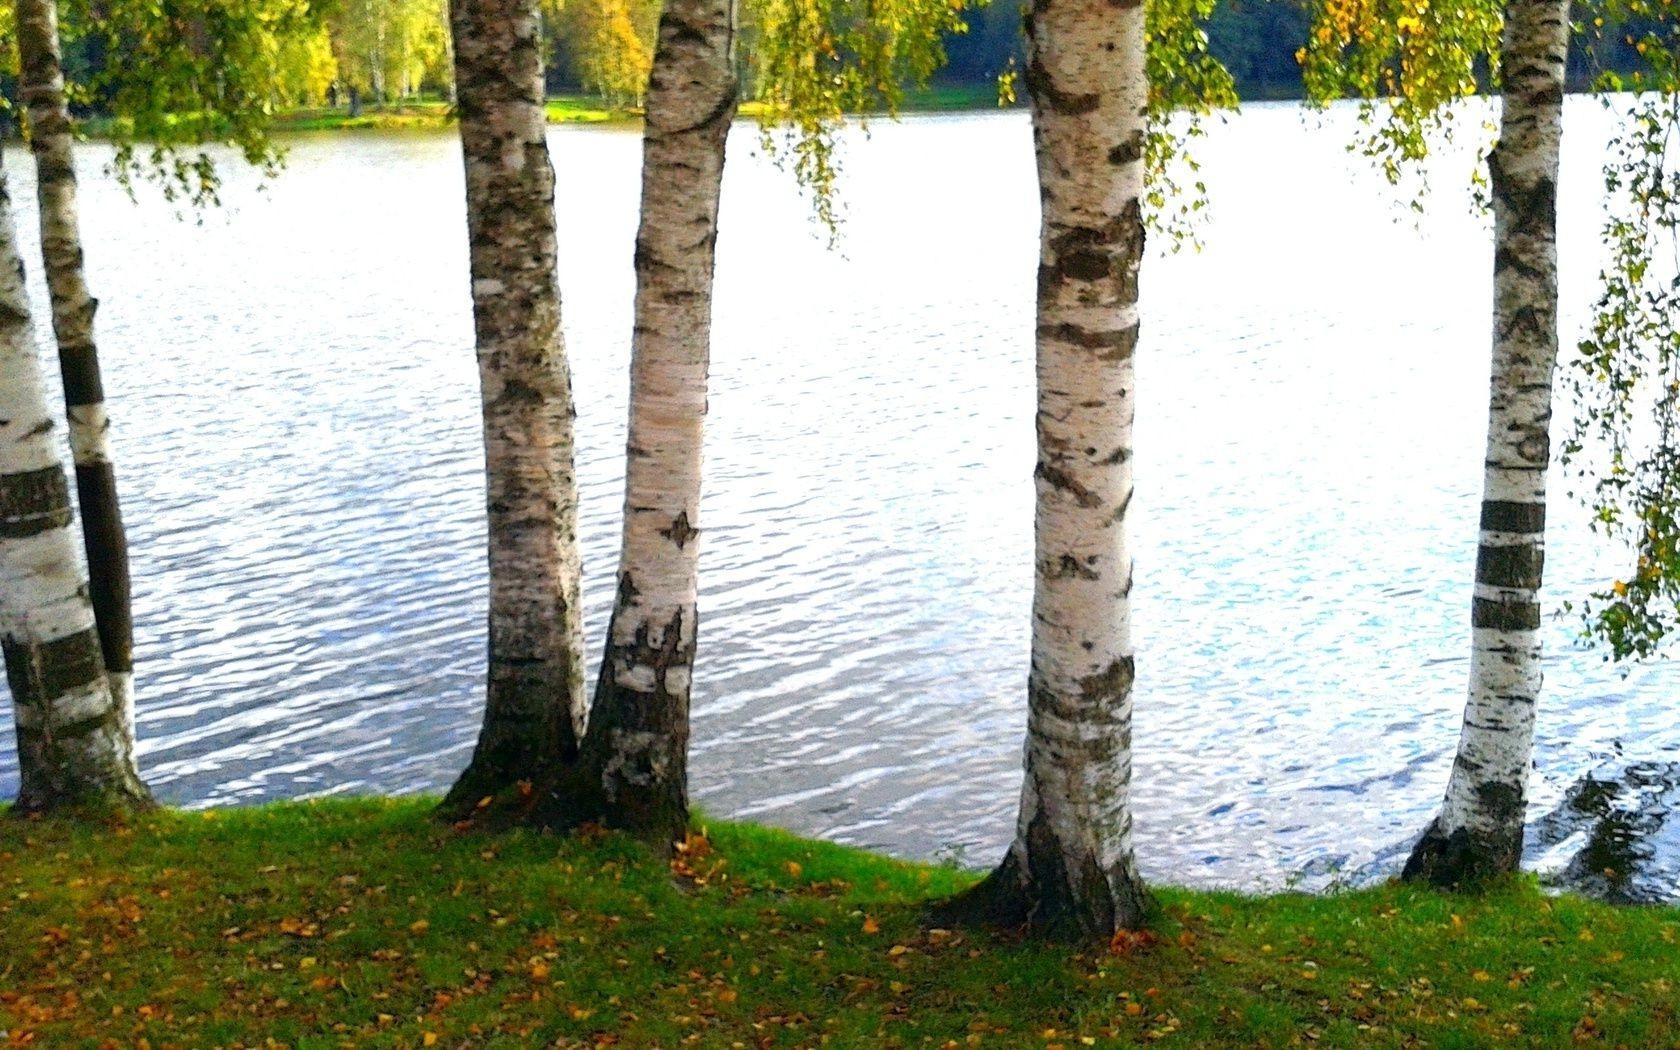 мечтает дать фон для фото речка лес березы киркорова отметили, что